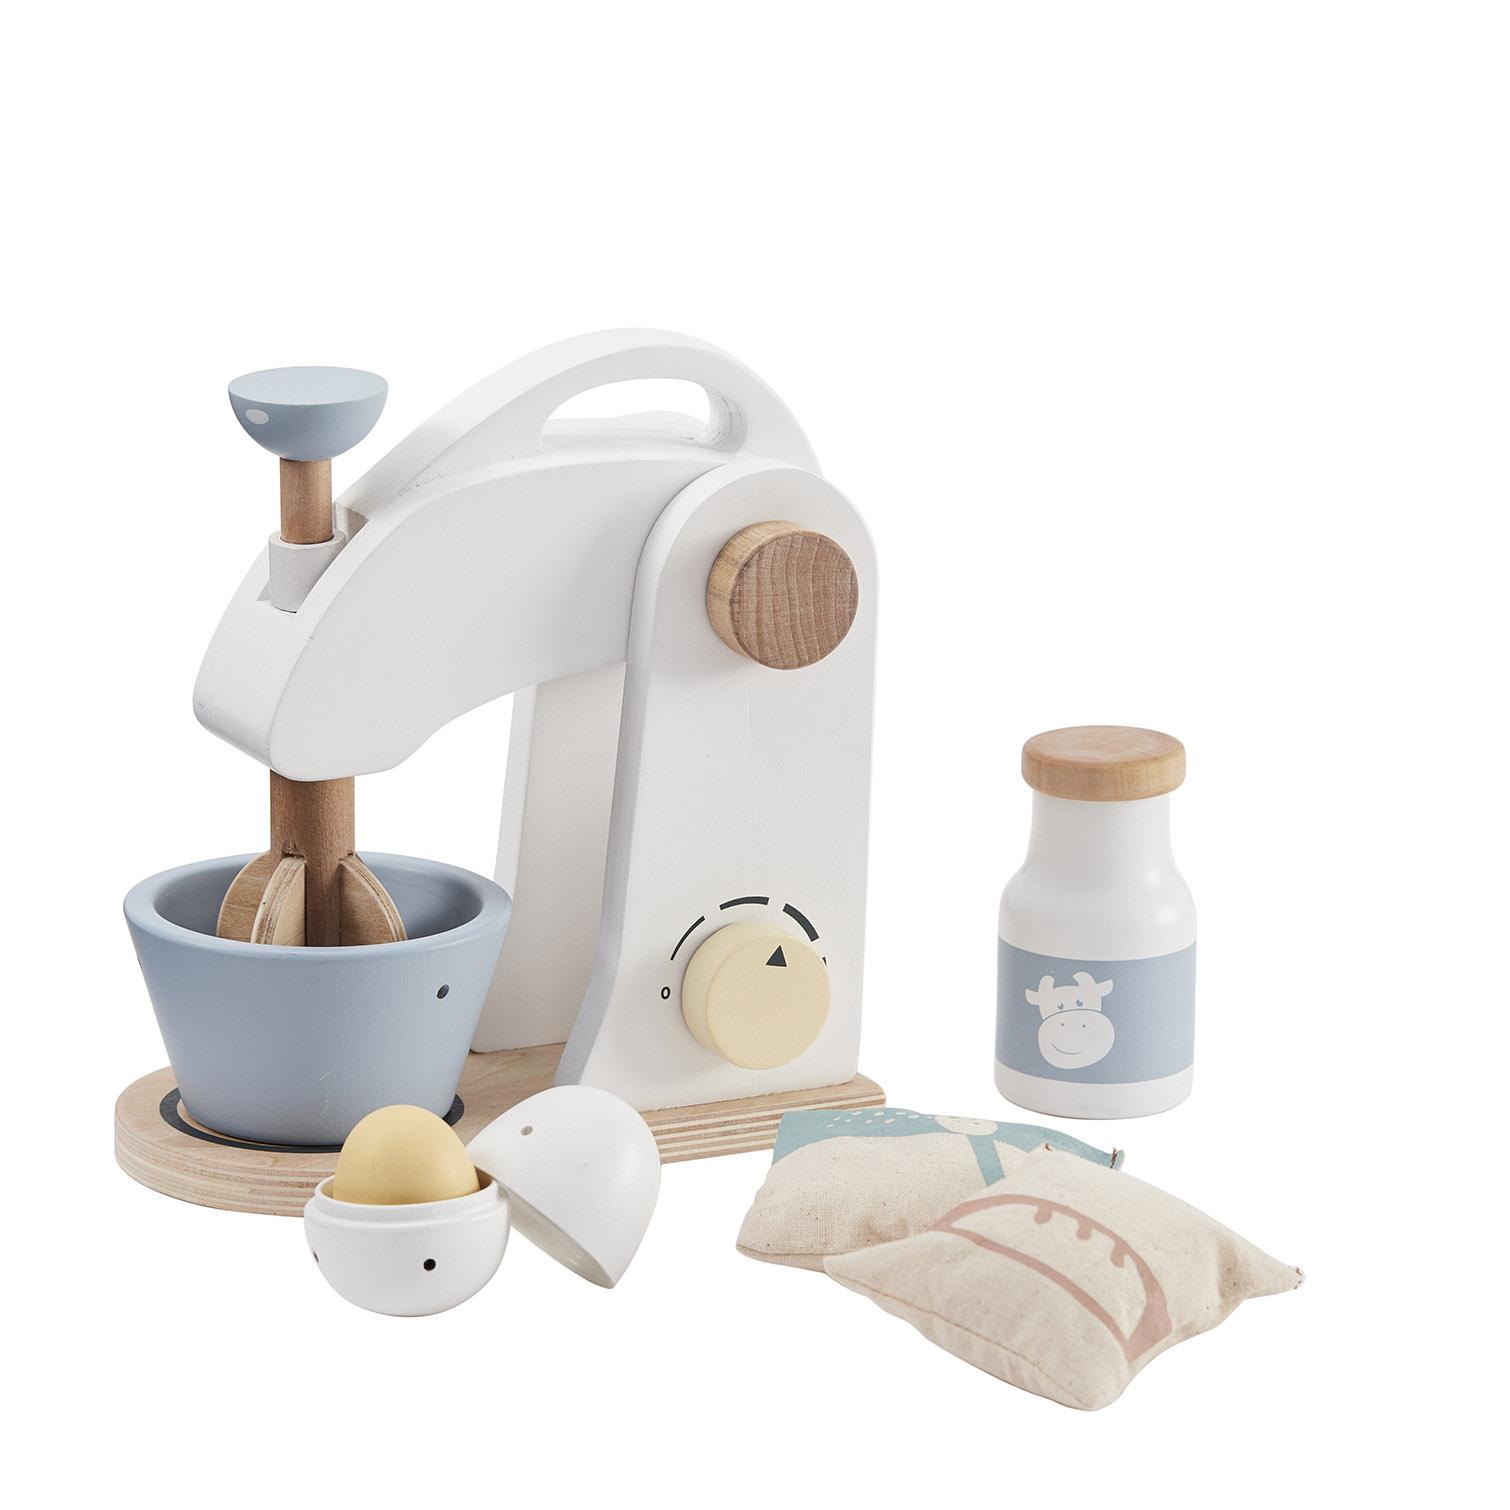 kids concept //木製おもちゃのミキサーセット